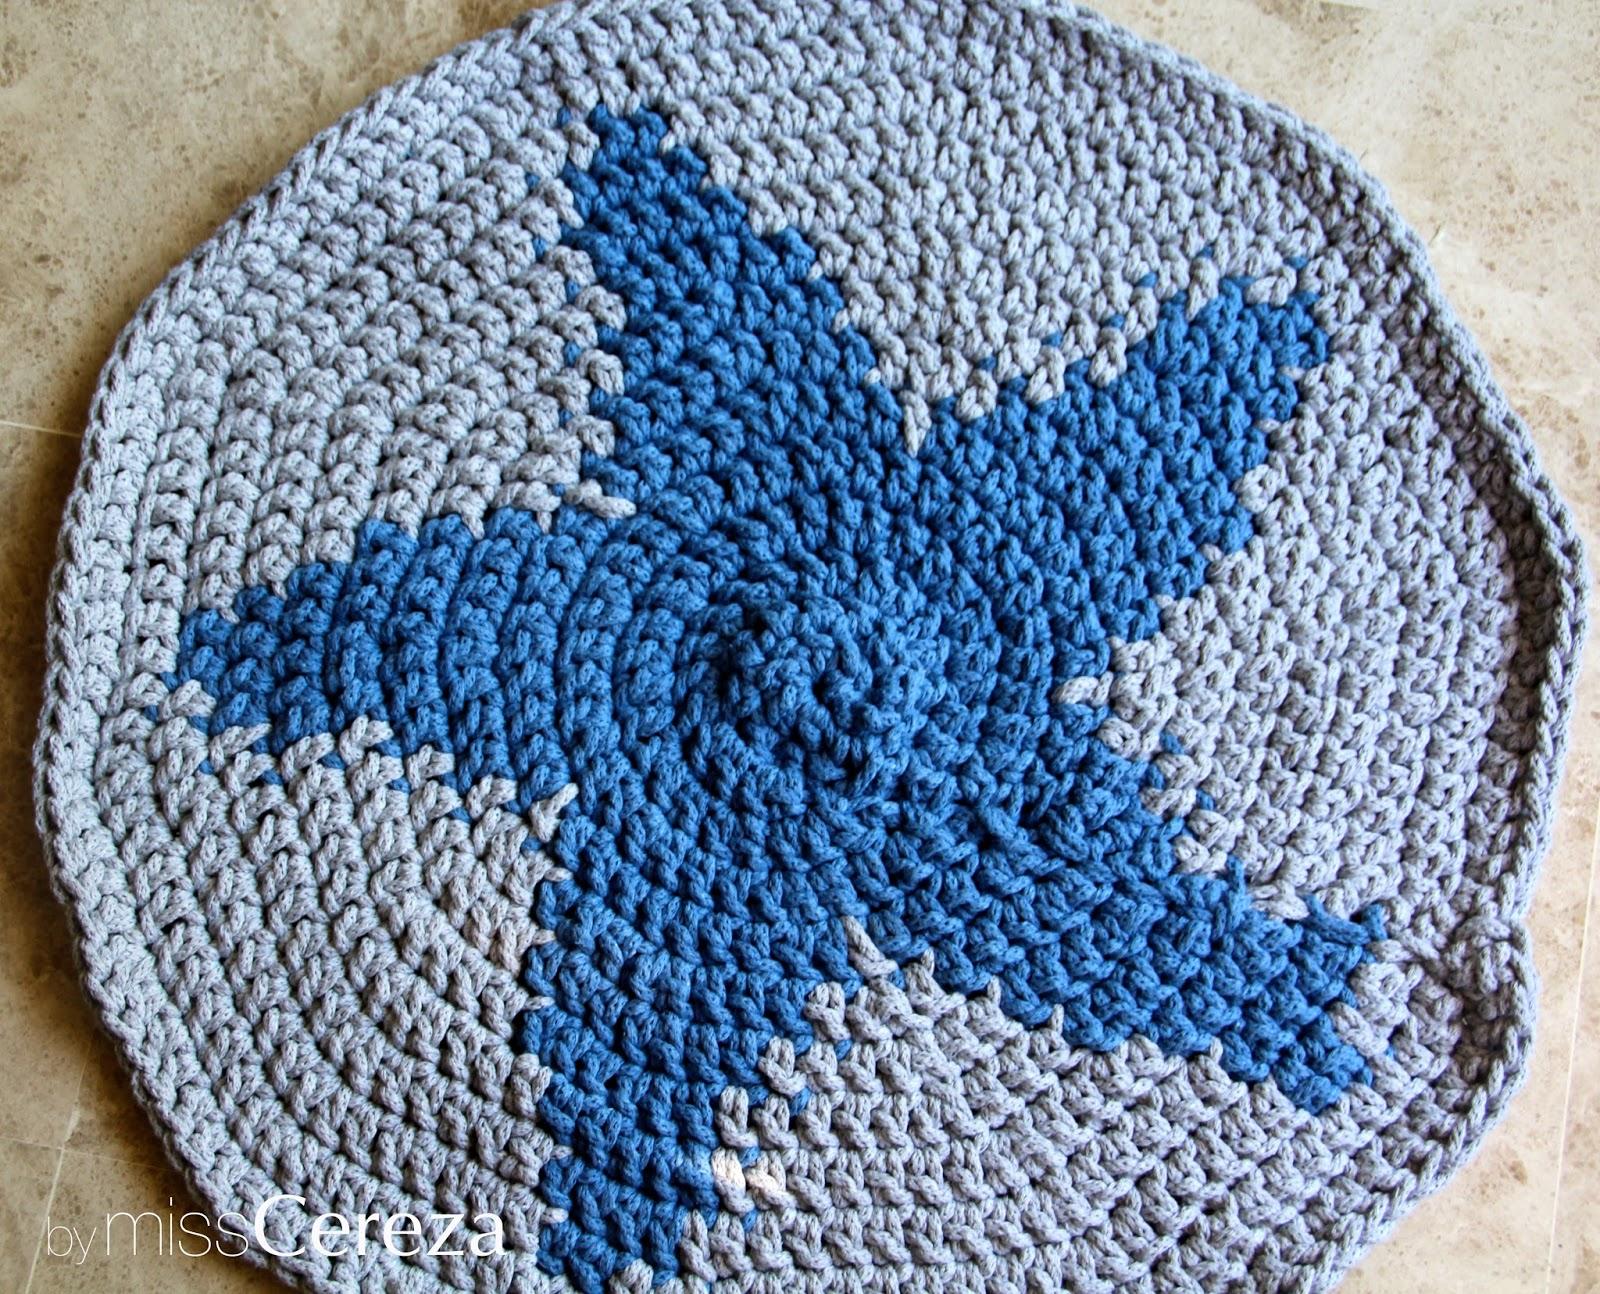 Miss cereza diy alfombra de trapillo con forma de estrella - Como hacer alfombras de trapillo trenzadas ...